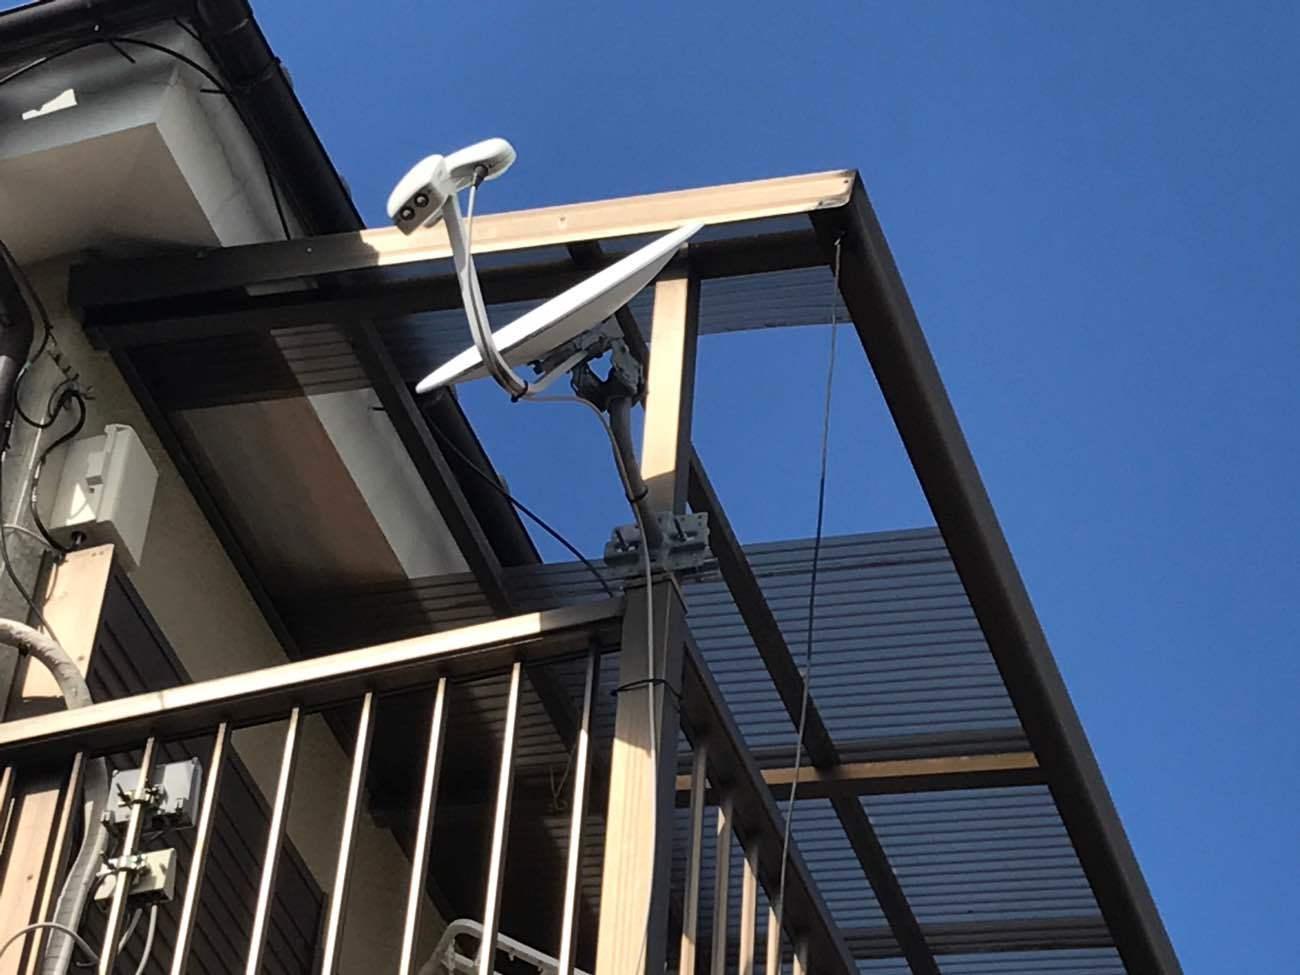 台風でベランダの屋根が飛んだ時の3つの対処と修理費用相場を解説!